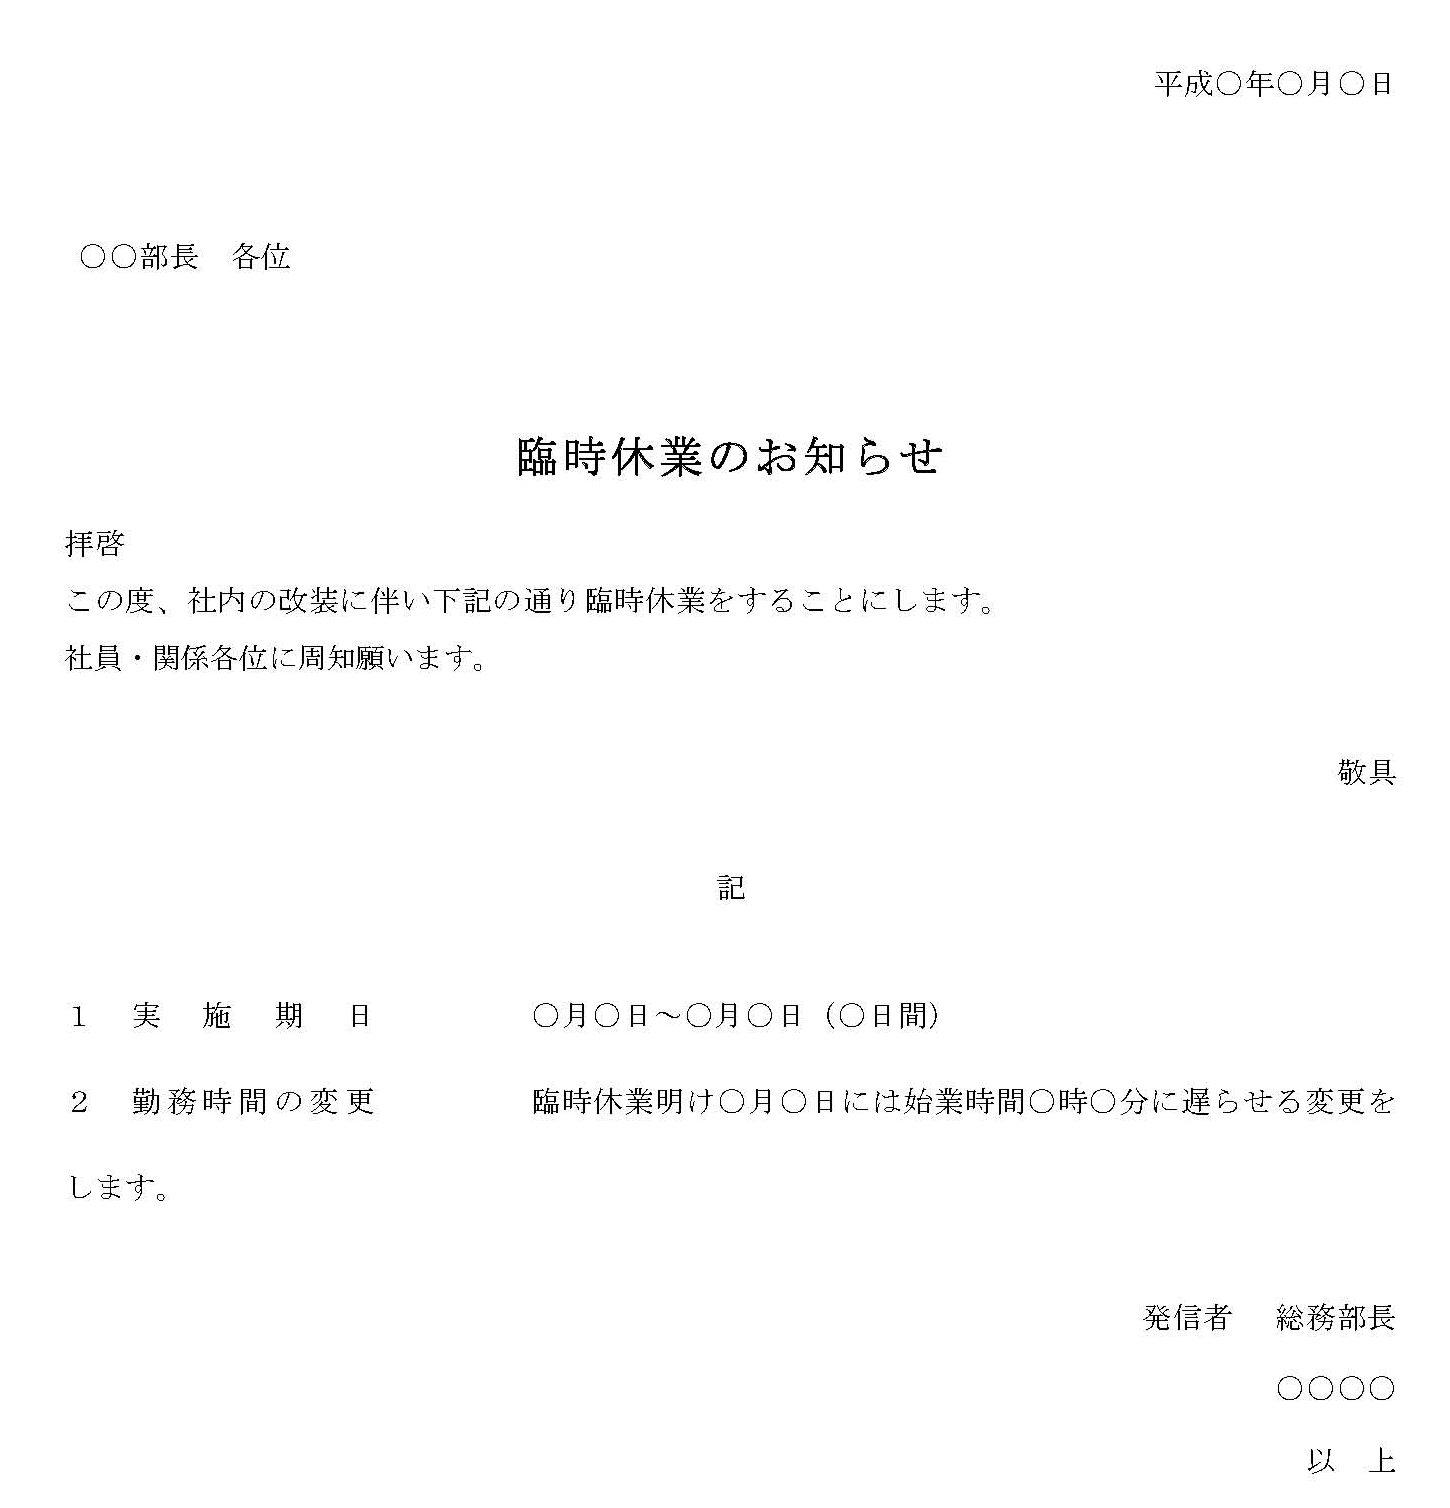 お知らせ(臨時休業)06